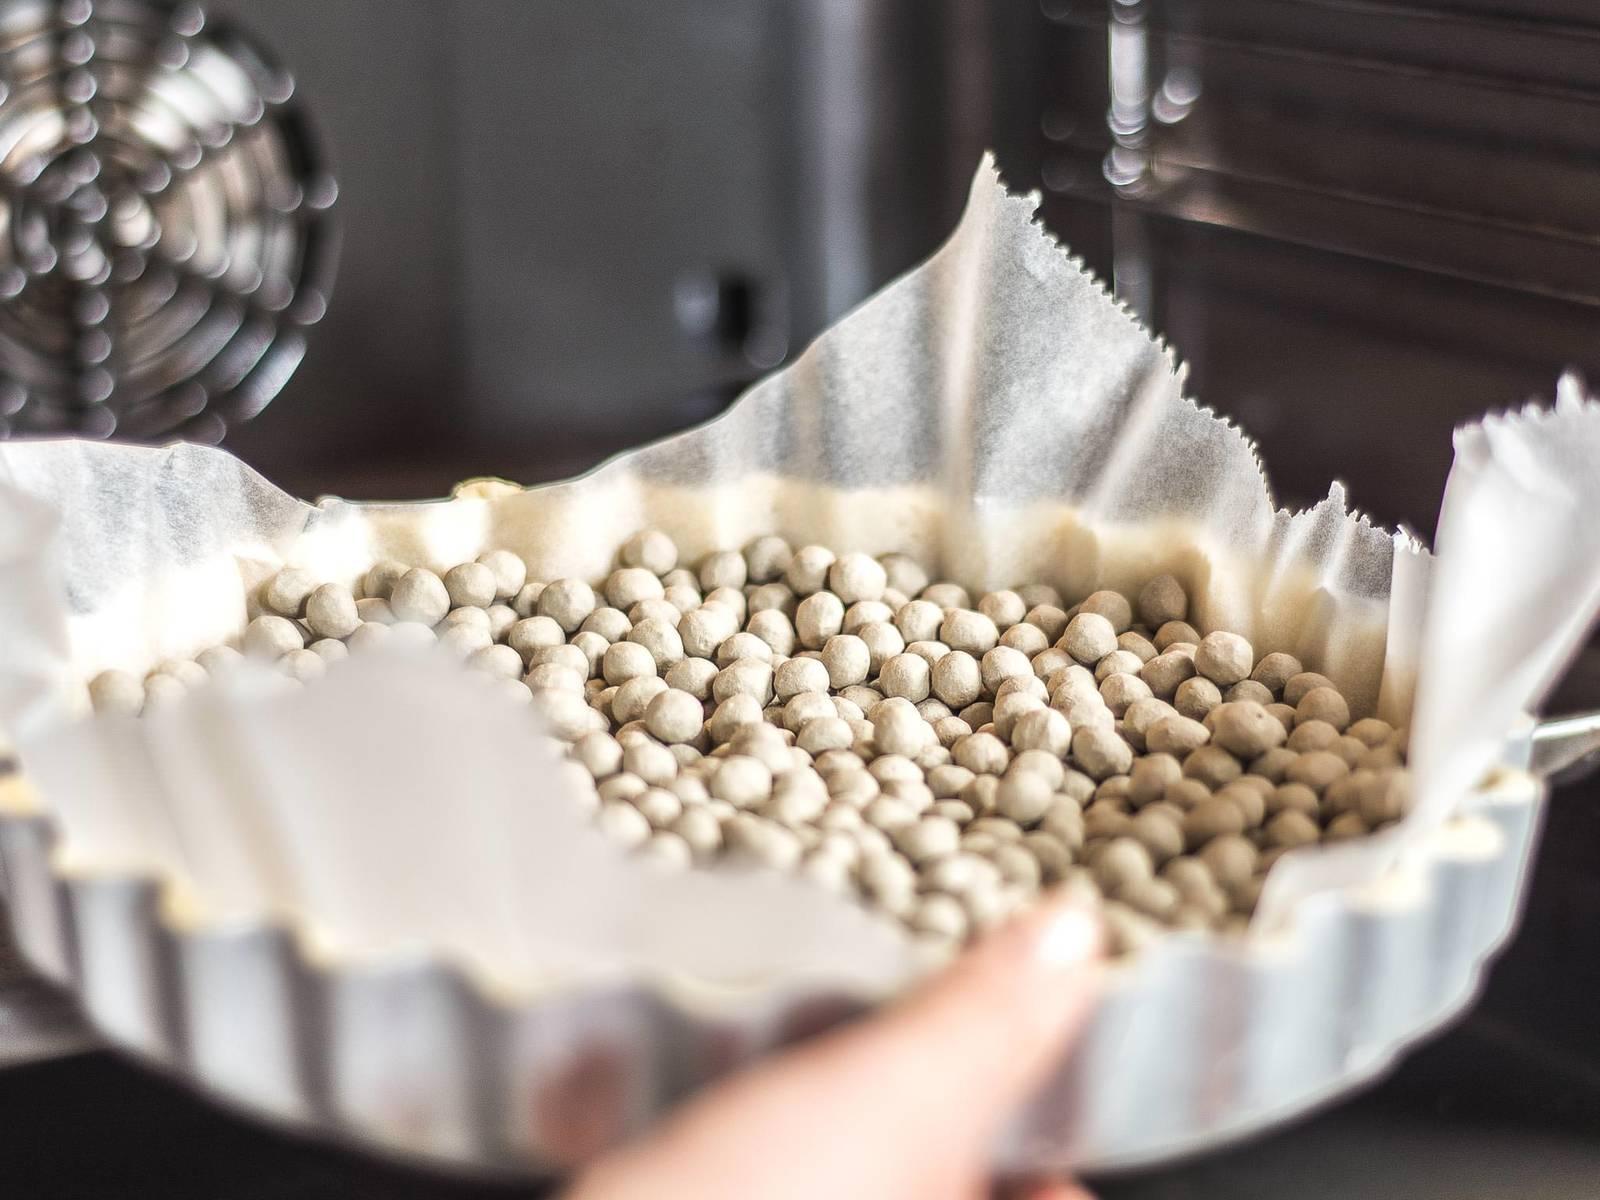 Teig ca. 0,3 cm dünn ausrollen und in eine Tarteform mit Rand auslegen. Backpapier obenauf legen, mit Backerbsen beschweren und im vorgeheizten Ofen bei 180°C für ca. 12 – 15 Min. blind backen. Den Boden dann für ca. 10 Min. erkalten lassen.